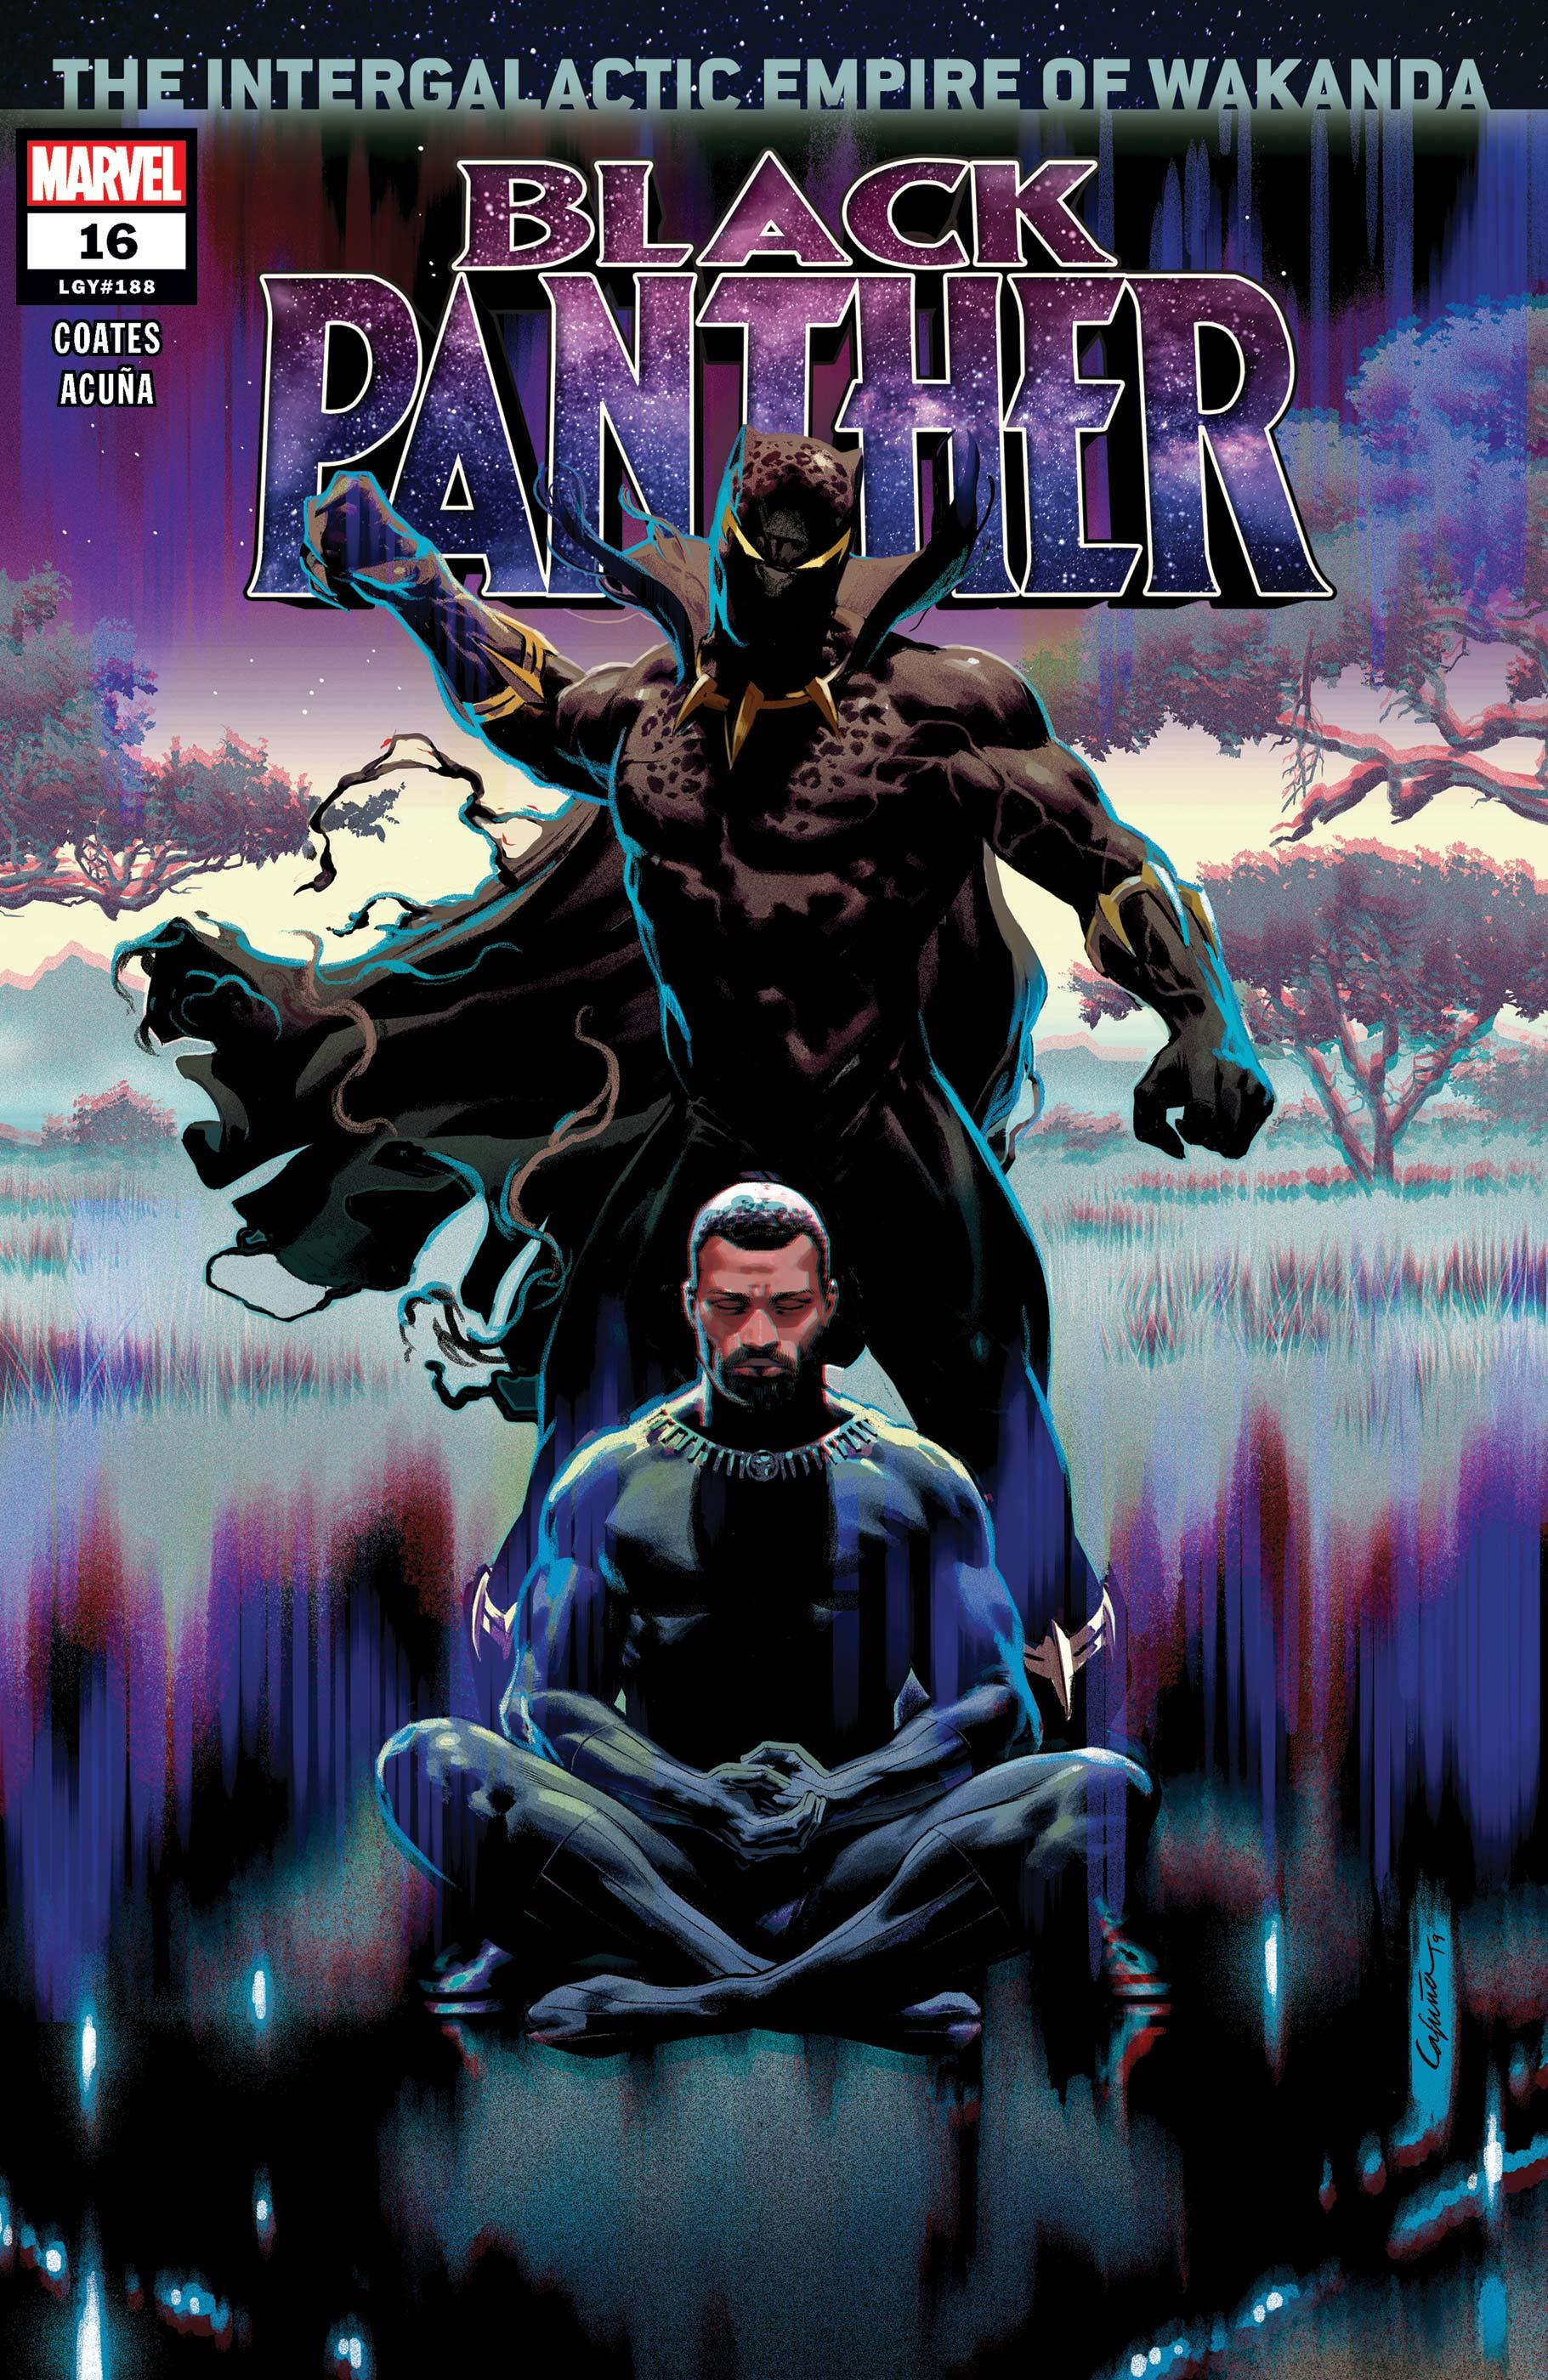 Black Panther (2018) #16